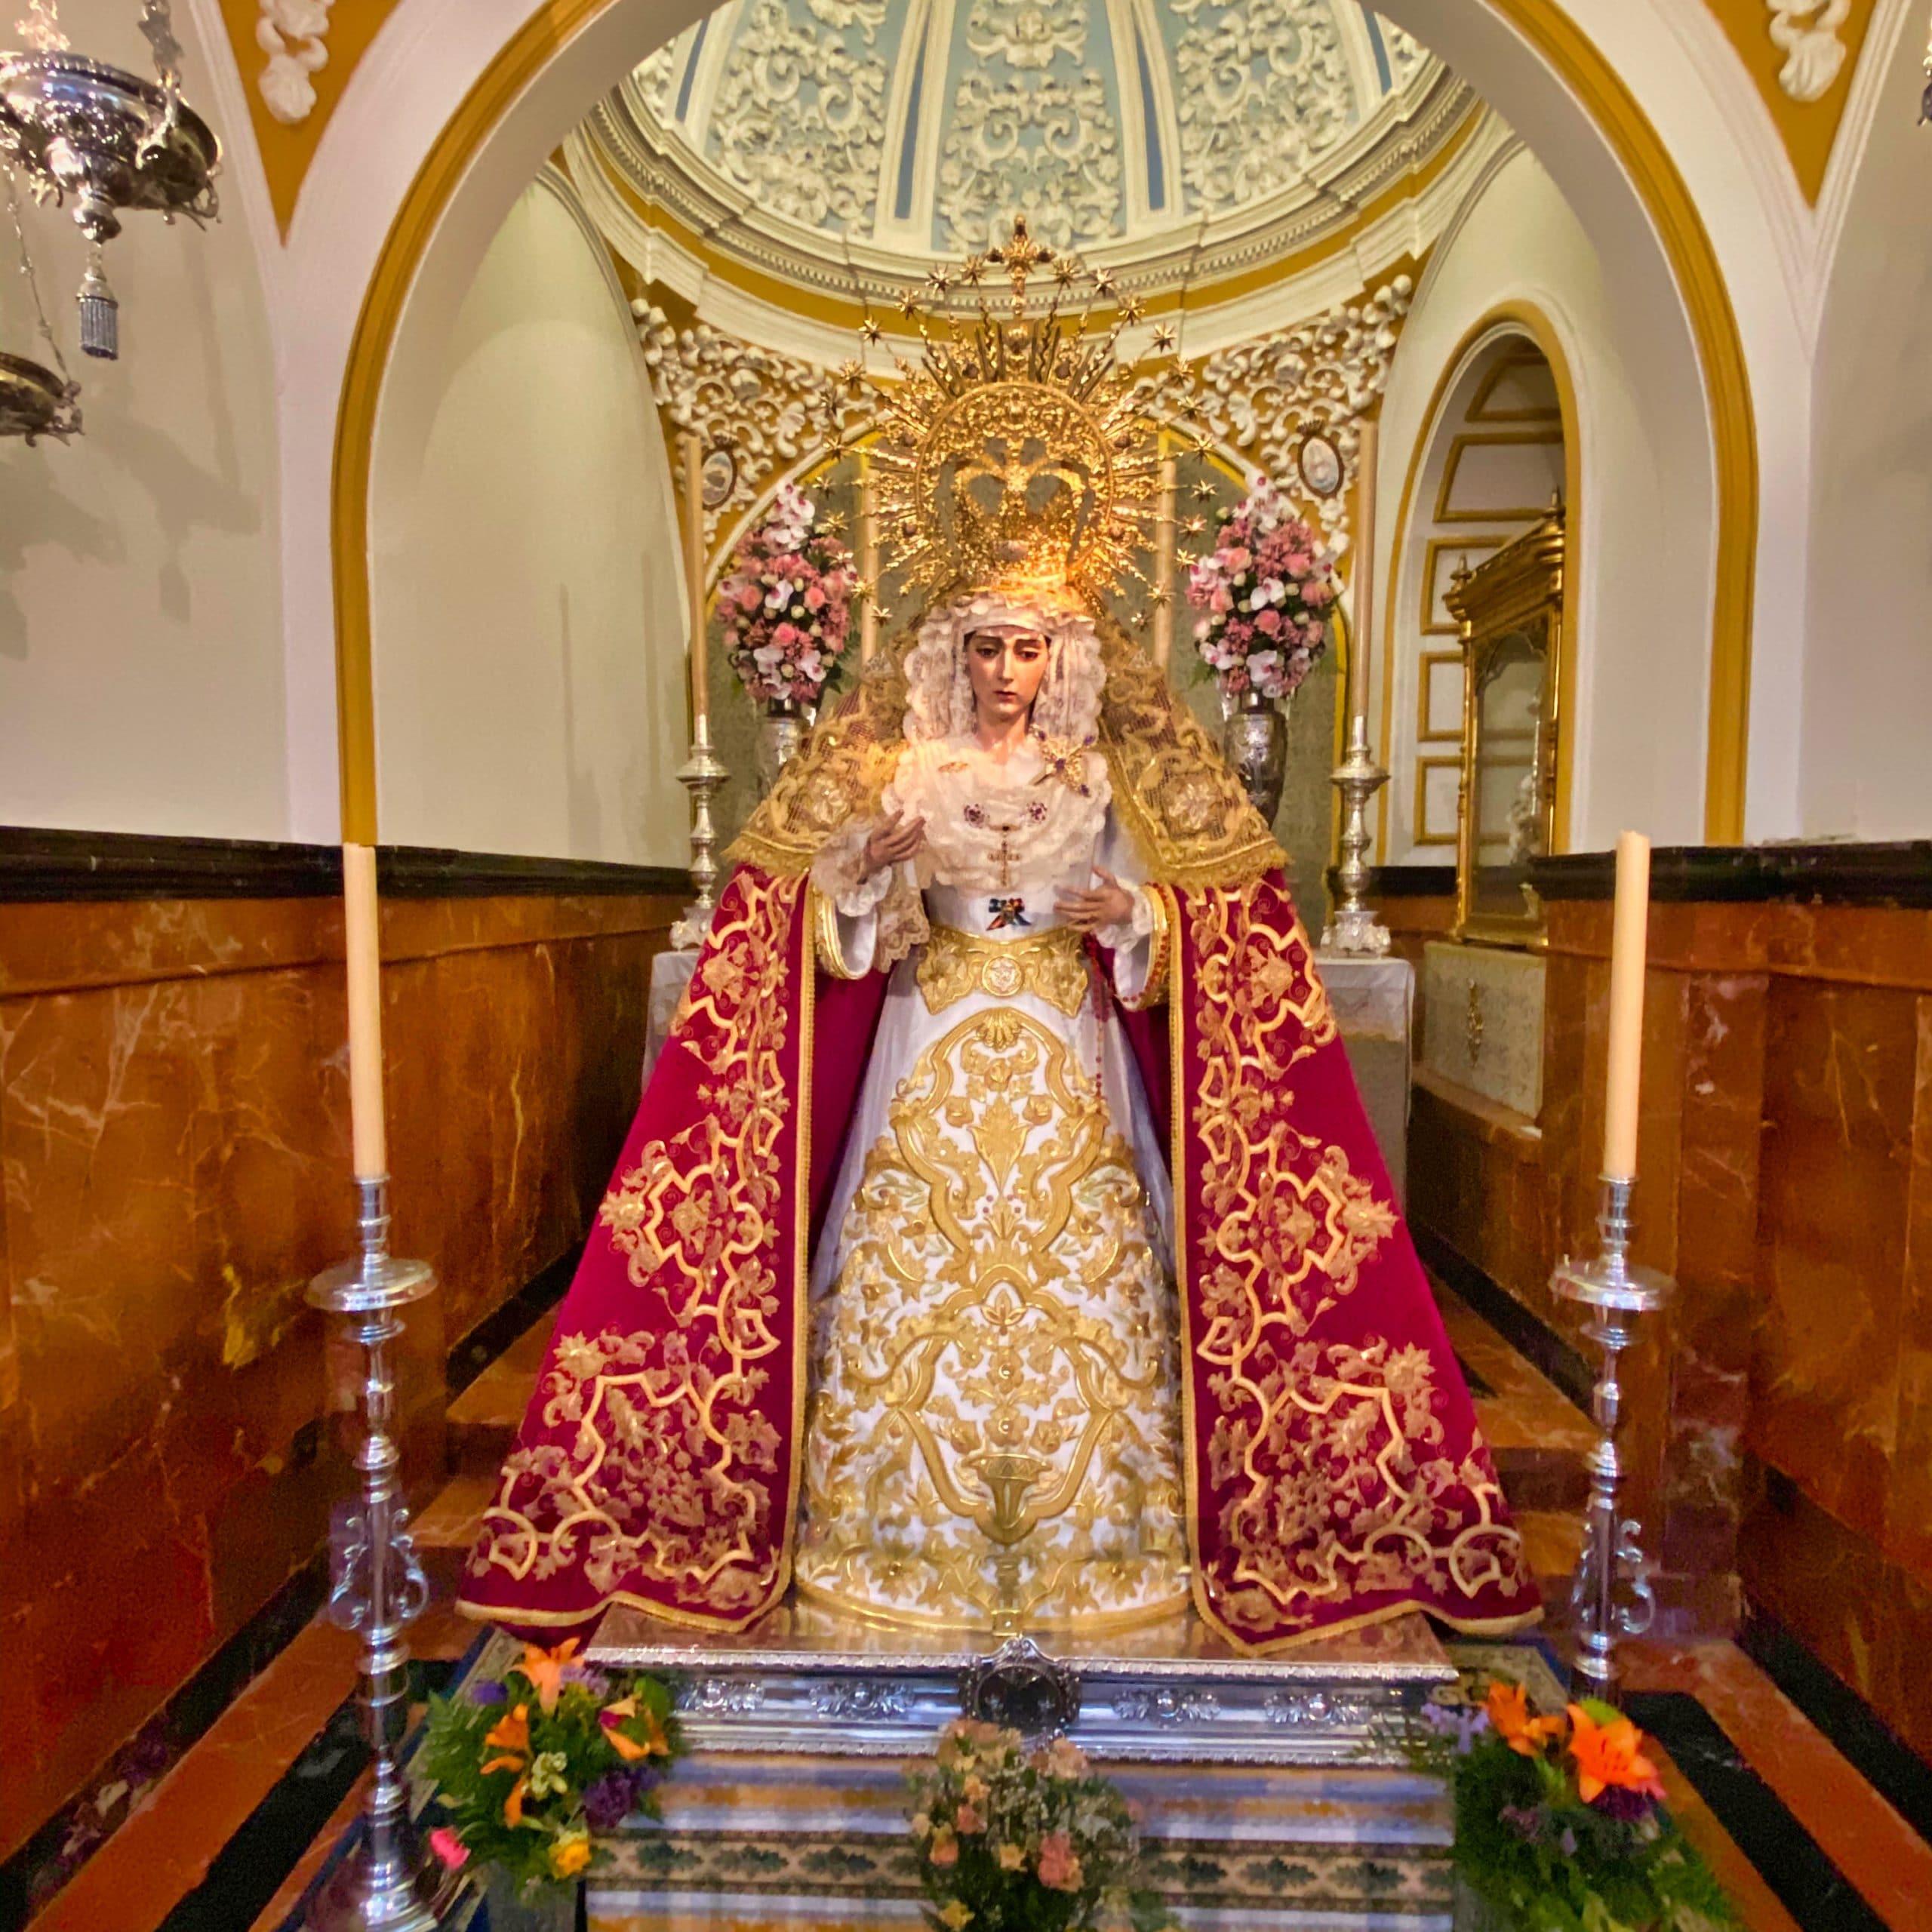 Lagrimas y Favores in der Kirche von San Juan